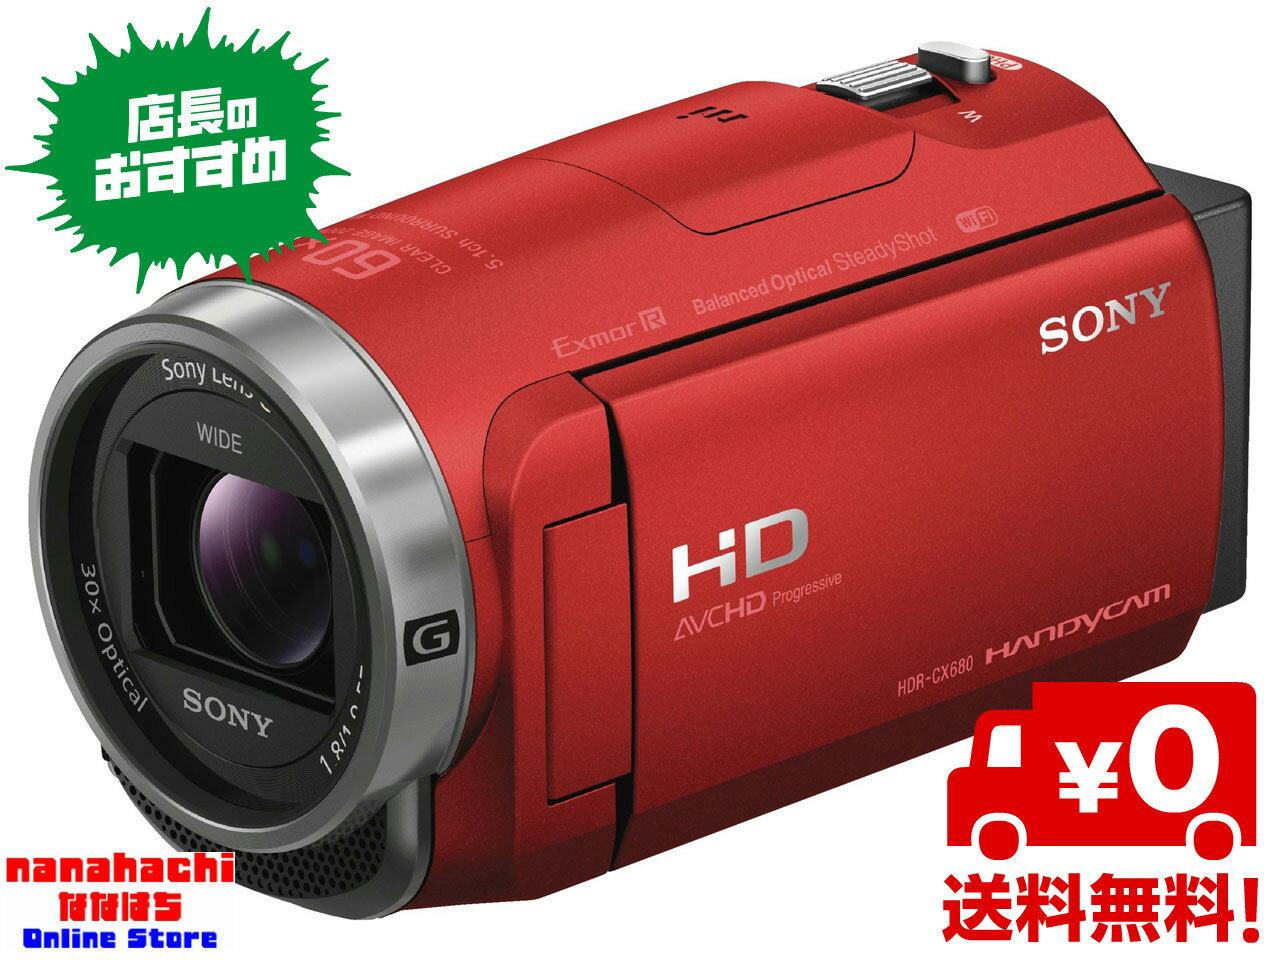 【あす楽対応】【送料無料】SONYソニーハンディカム HDR-CX680-R レッド■デジタルHDビデオカメラレコーダー■さらに手ブレに強くなり、美しい映像を残せる高画質スタンダードモデル■64GBメモリー内蔵HDハンディカム■HDRCX680R レッド